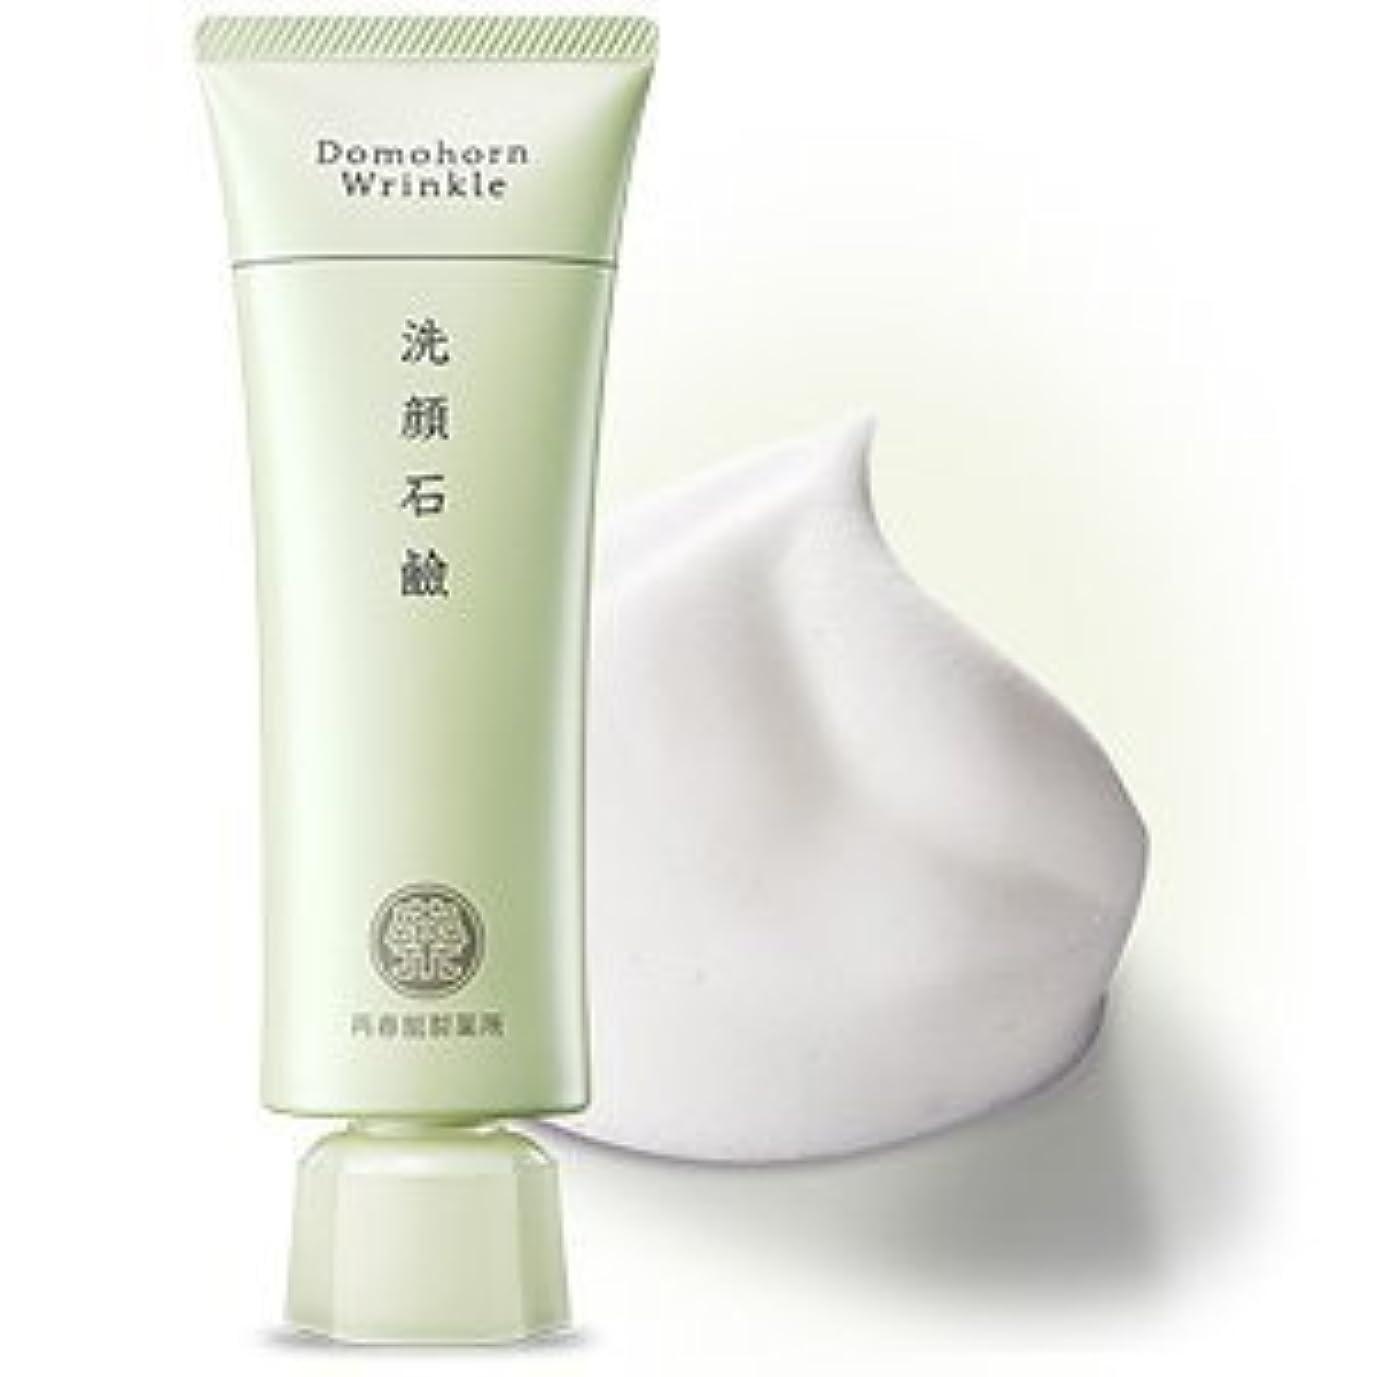 原子フィールド珍味【濃密泡で毛穴対策にも】ドモホルンリンクル 洗顔石鹸 約60日分